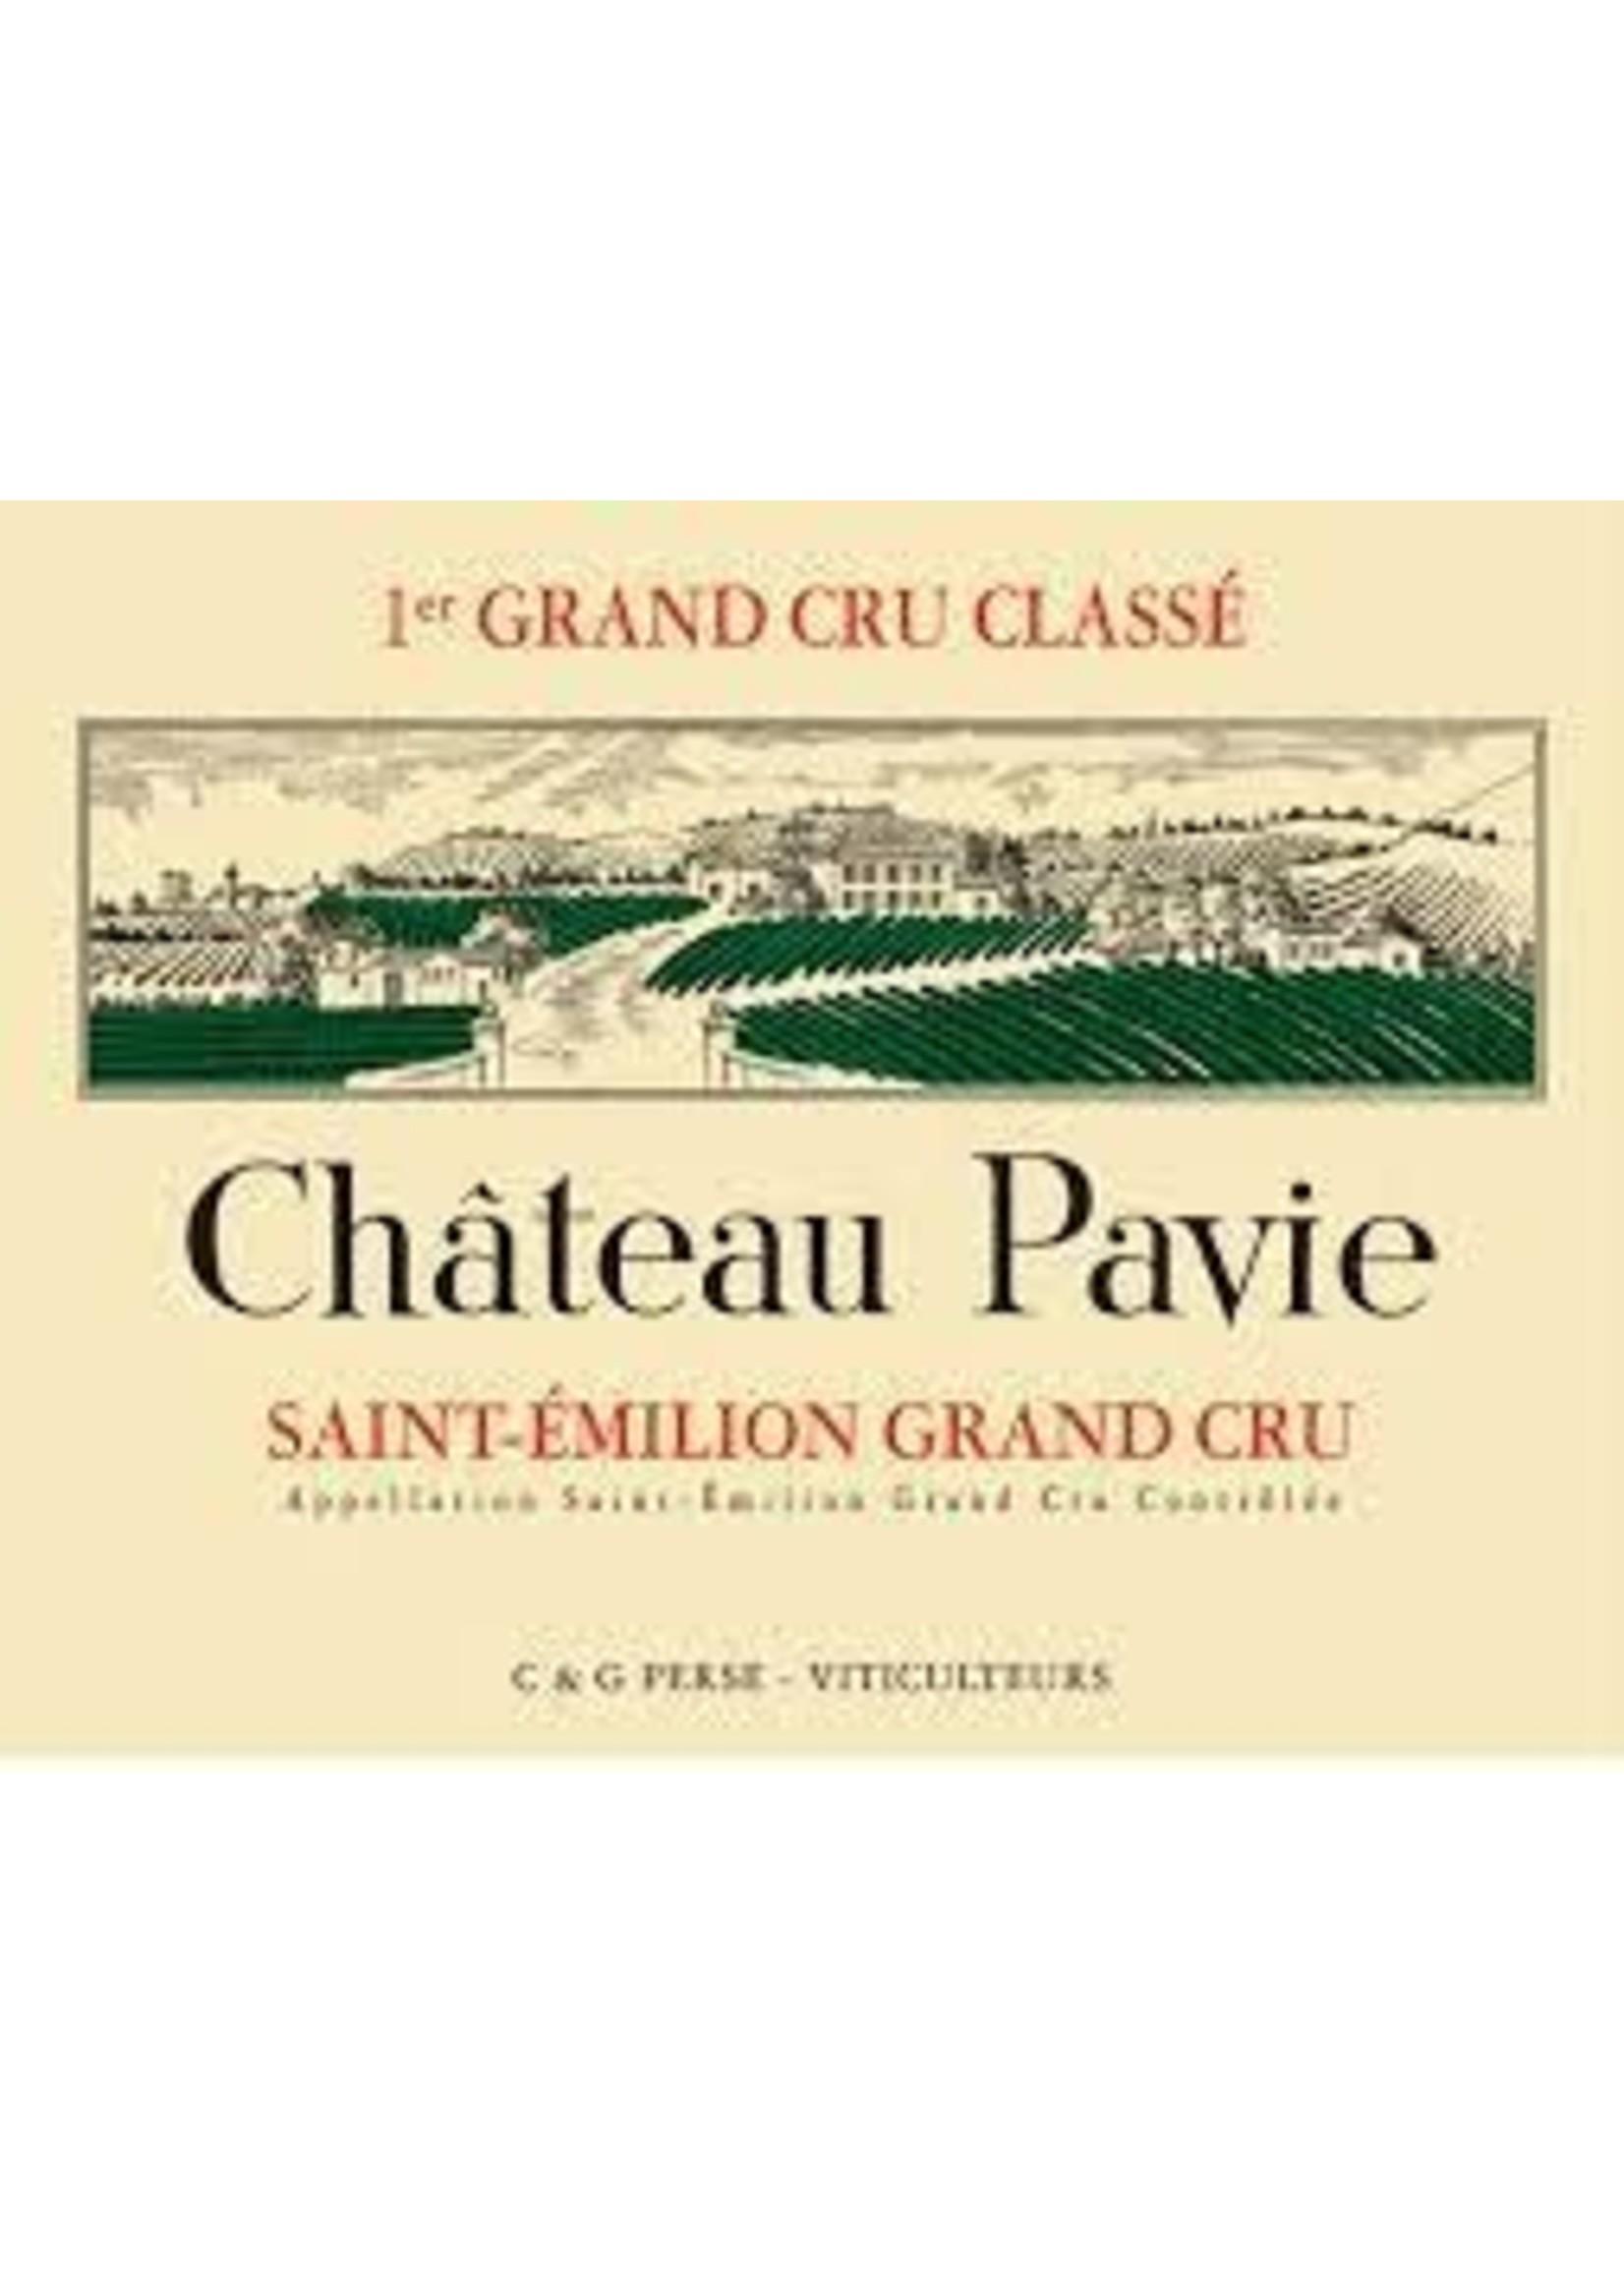 Chateau Pavie 2010 St. Emilion 750ml [PRE-ARRIVAL]